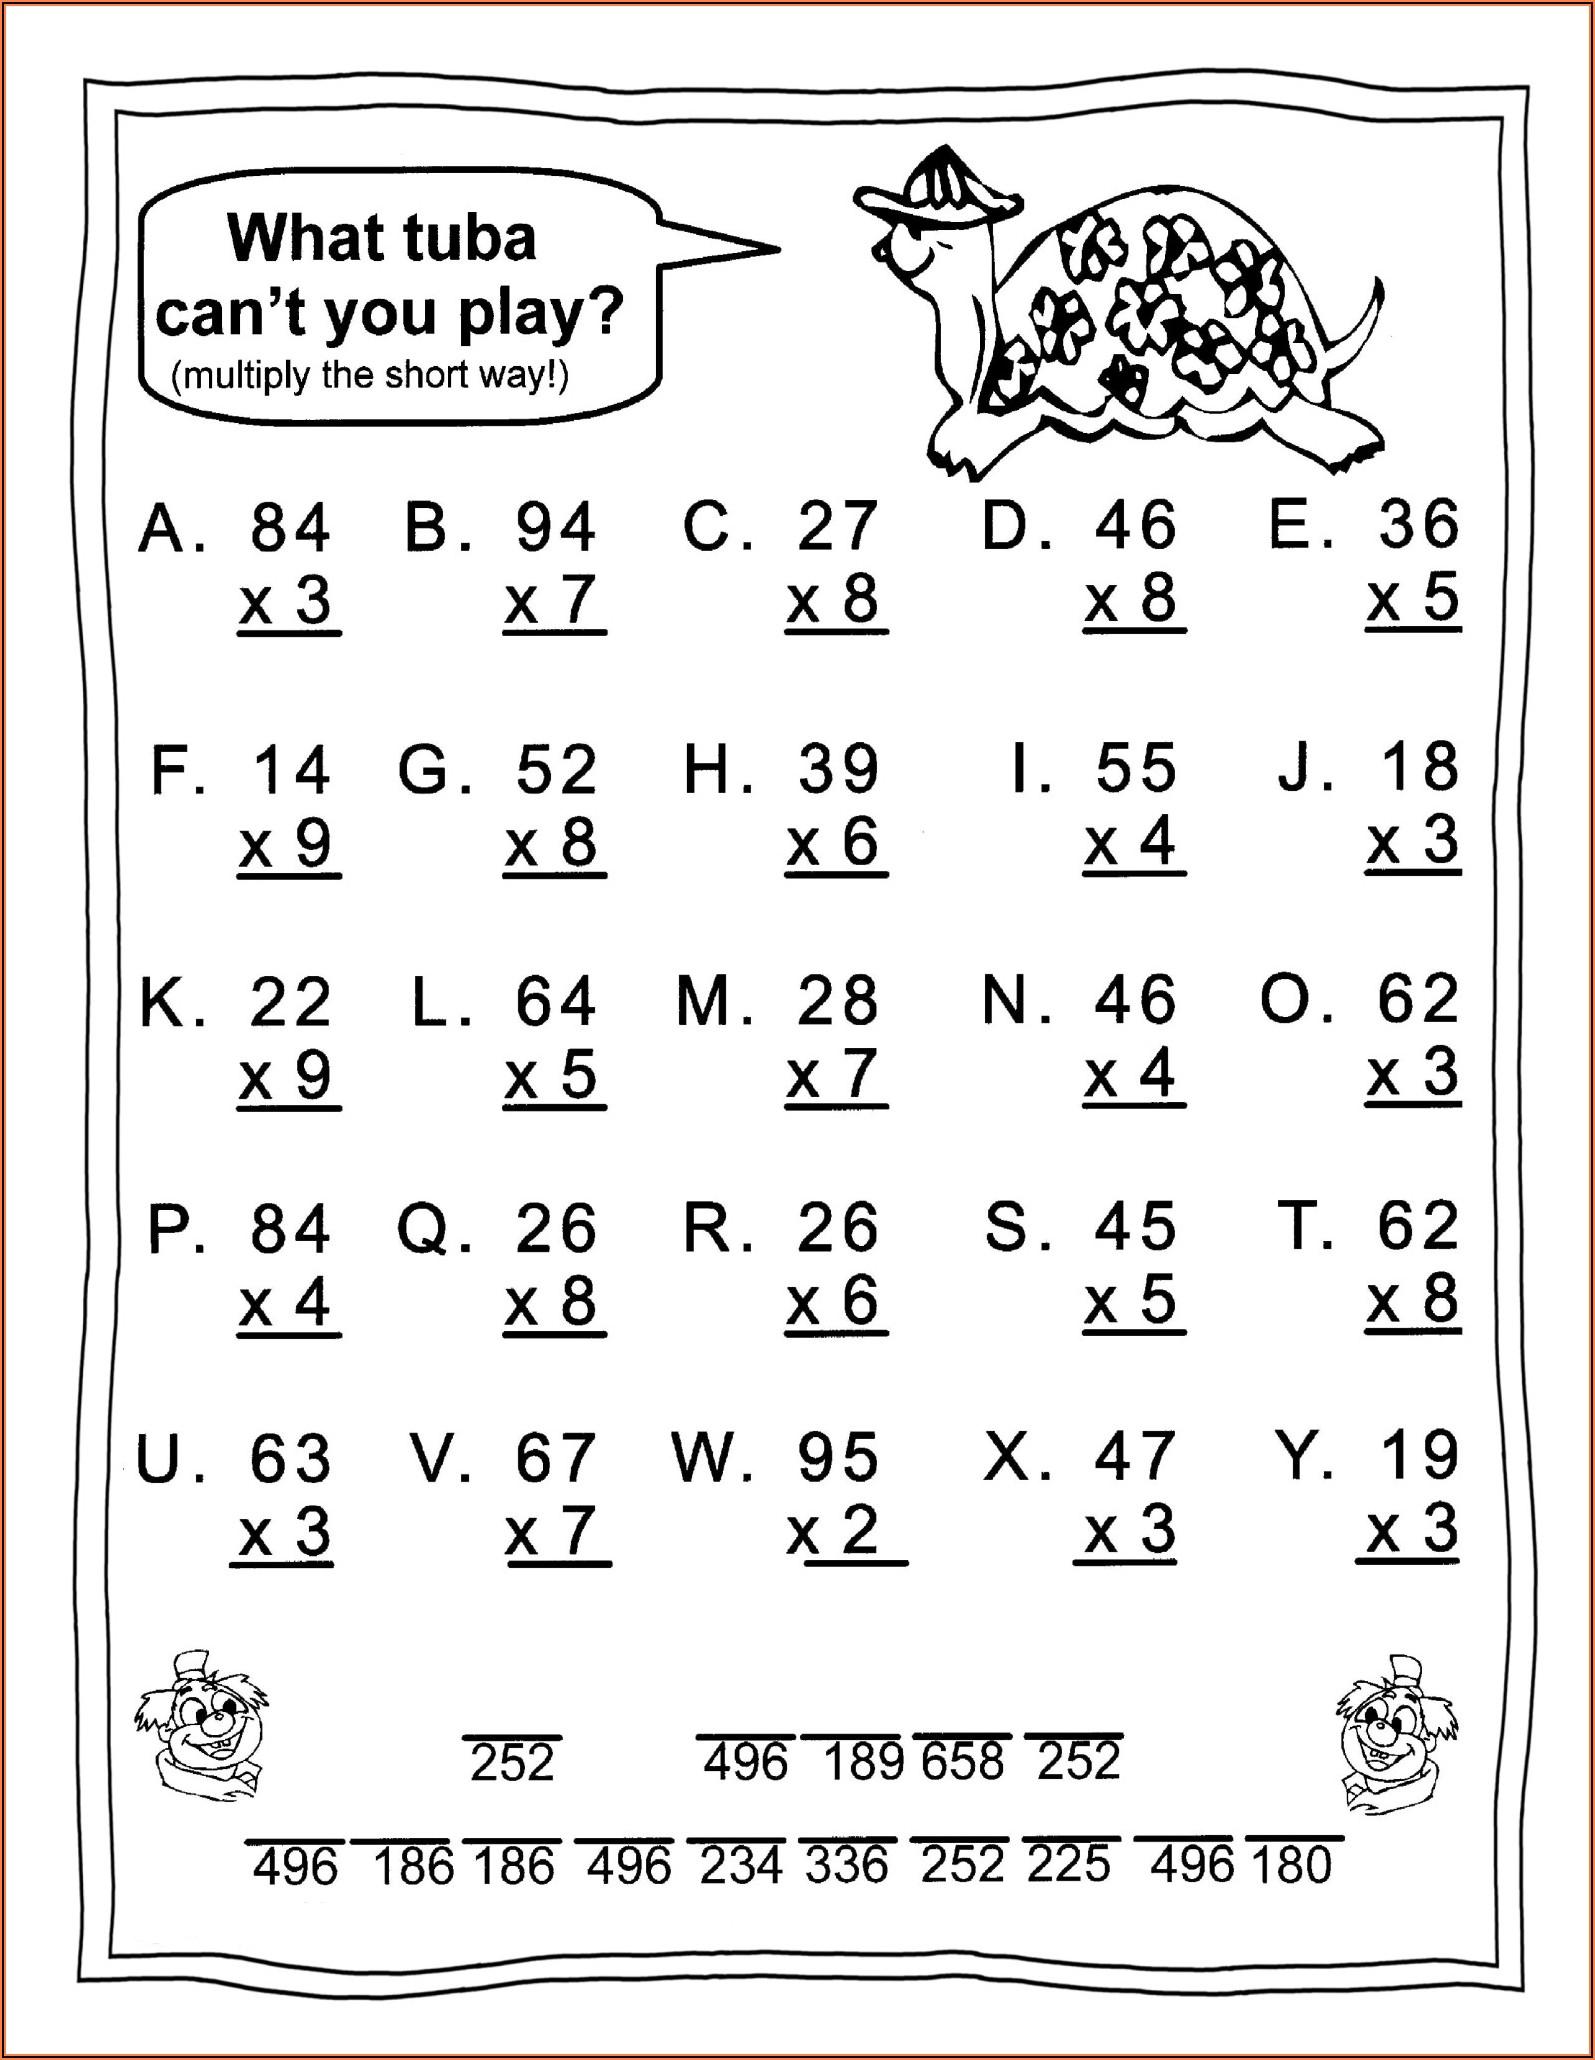 3rd Grade Spelling Words Worksheets Free